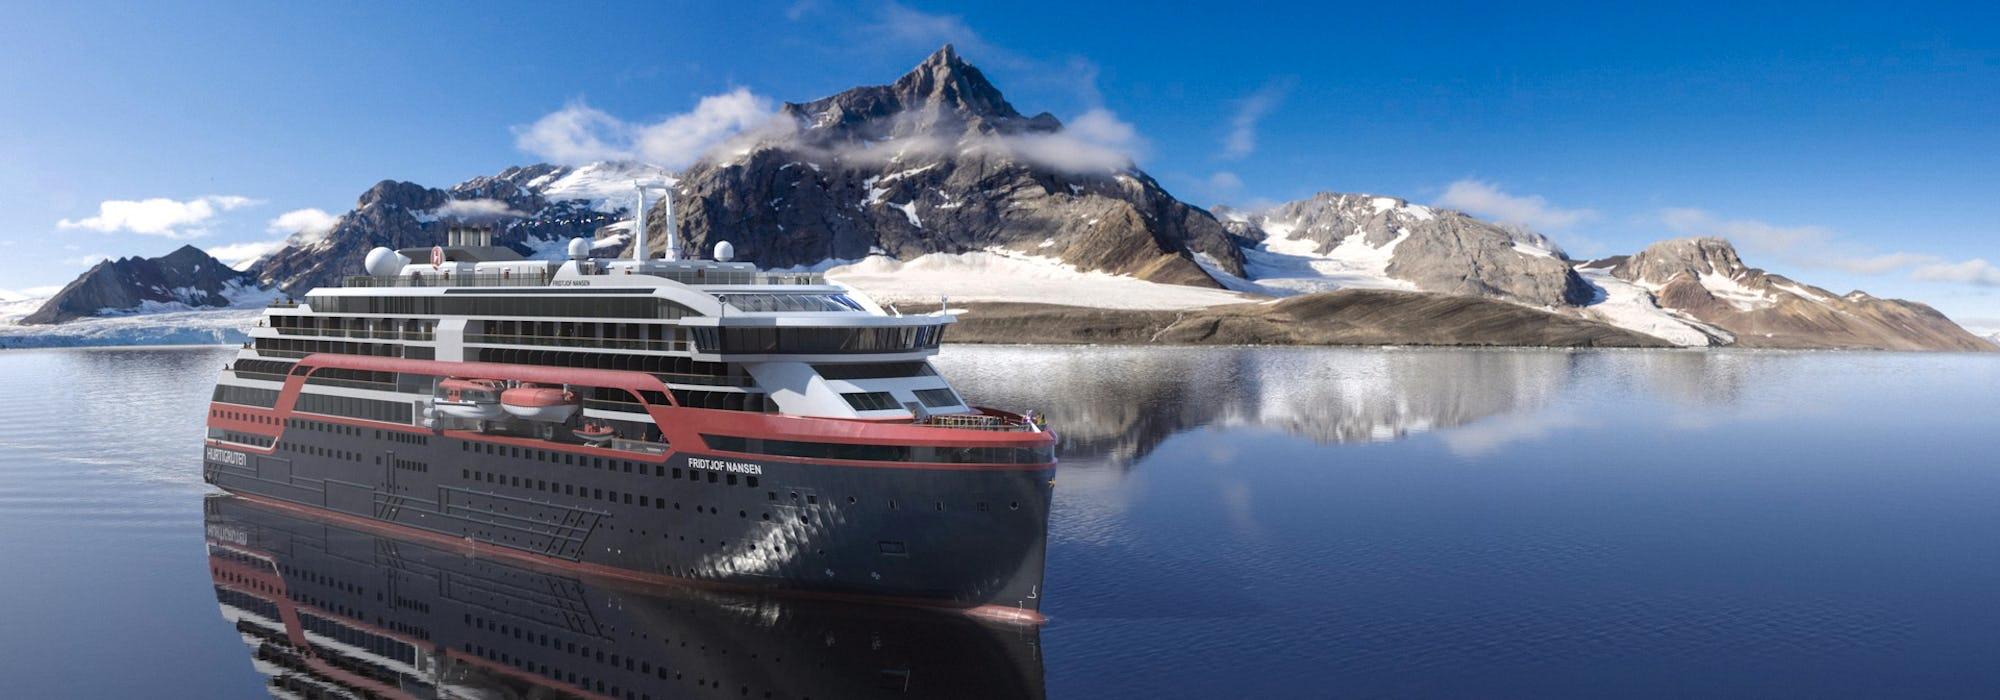 Hurtigrutens fartyg MS Fridtjof Nansen glider fram i vattnet vid Svalbard och dess vackra berg i bakgrunden.